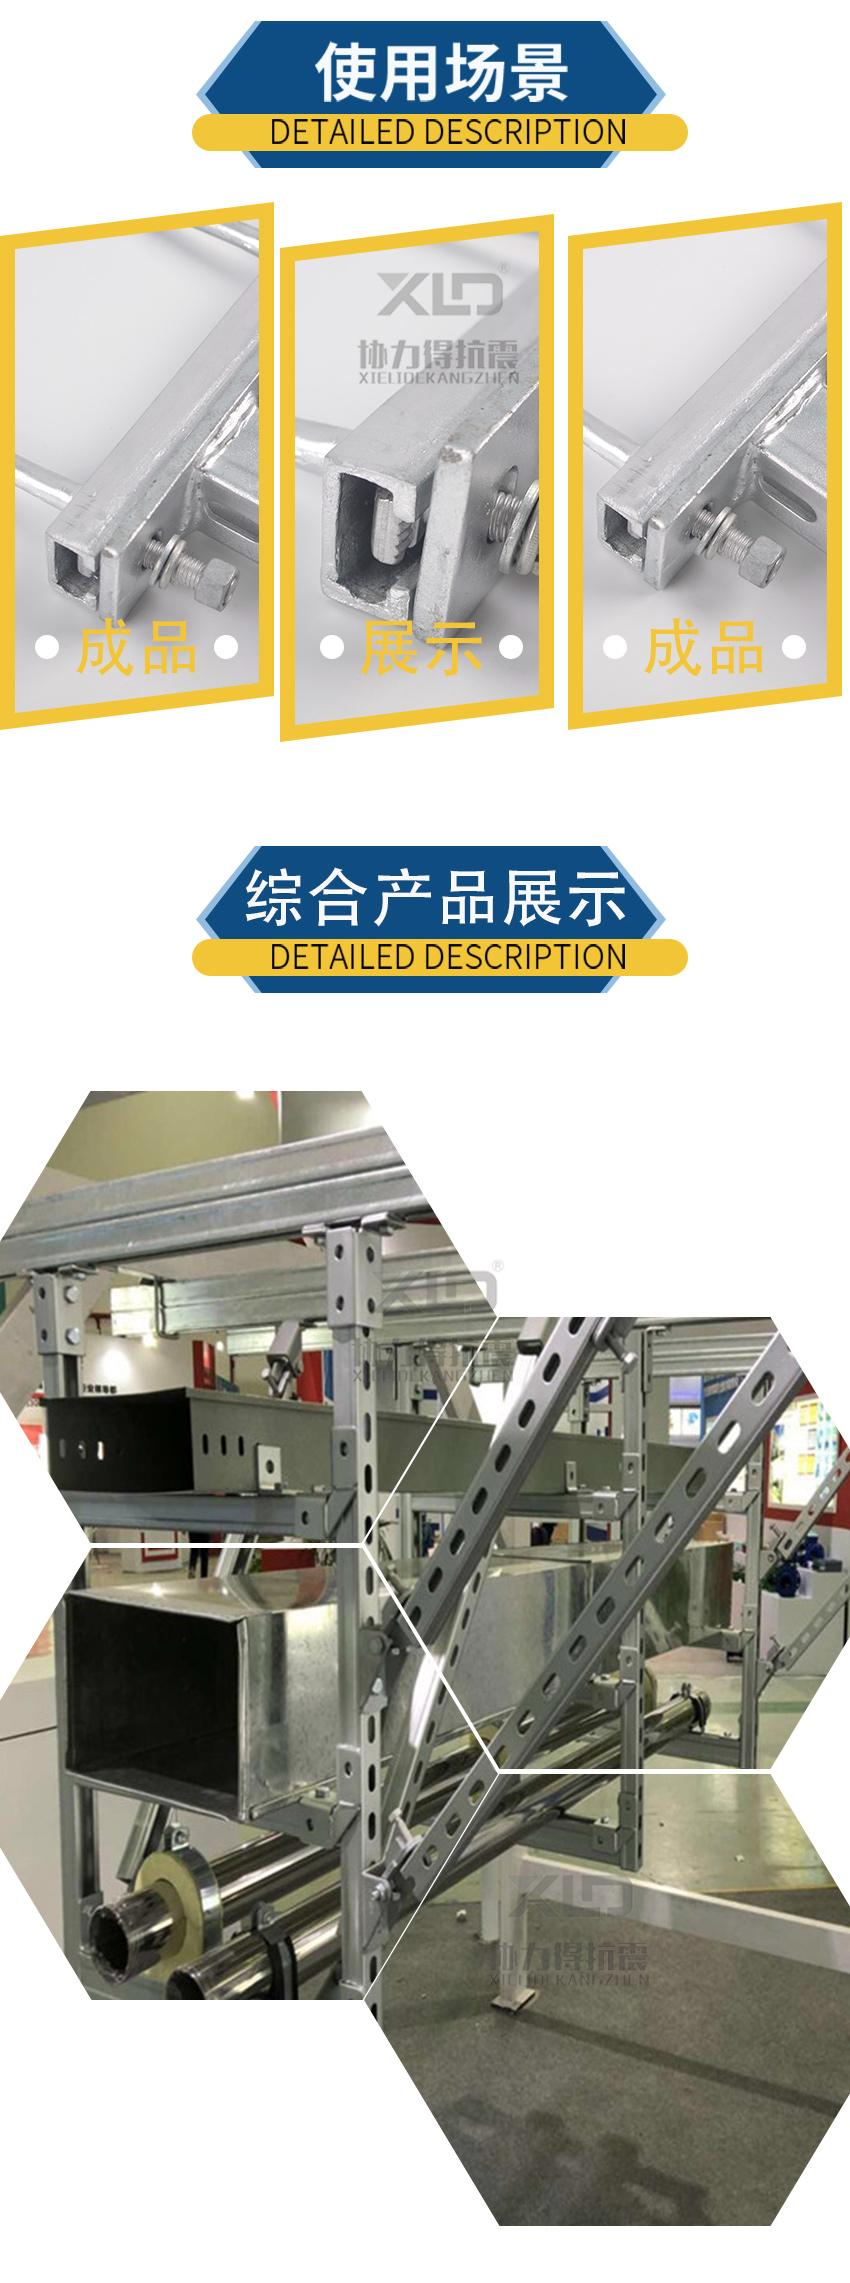 850-螺栓m16_04.jpg